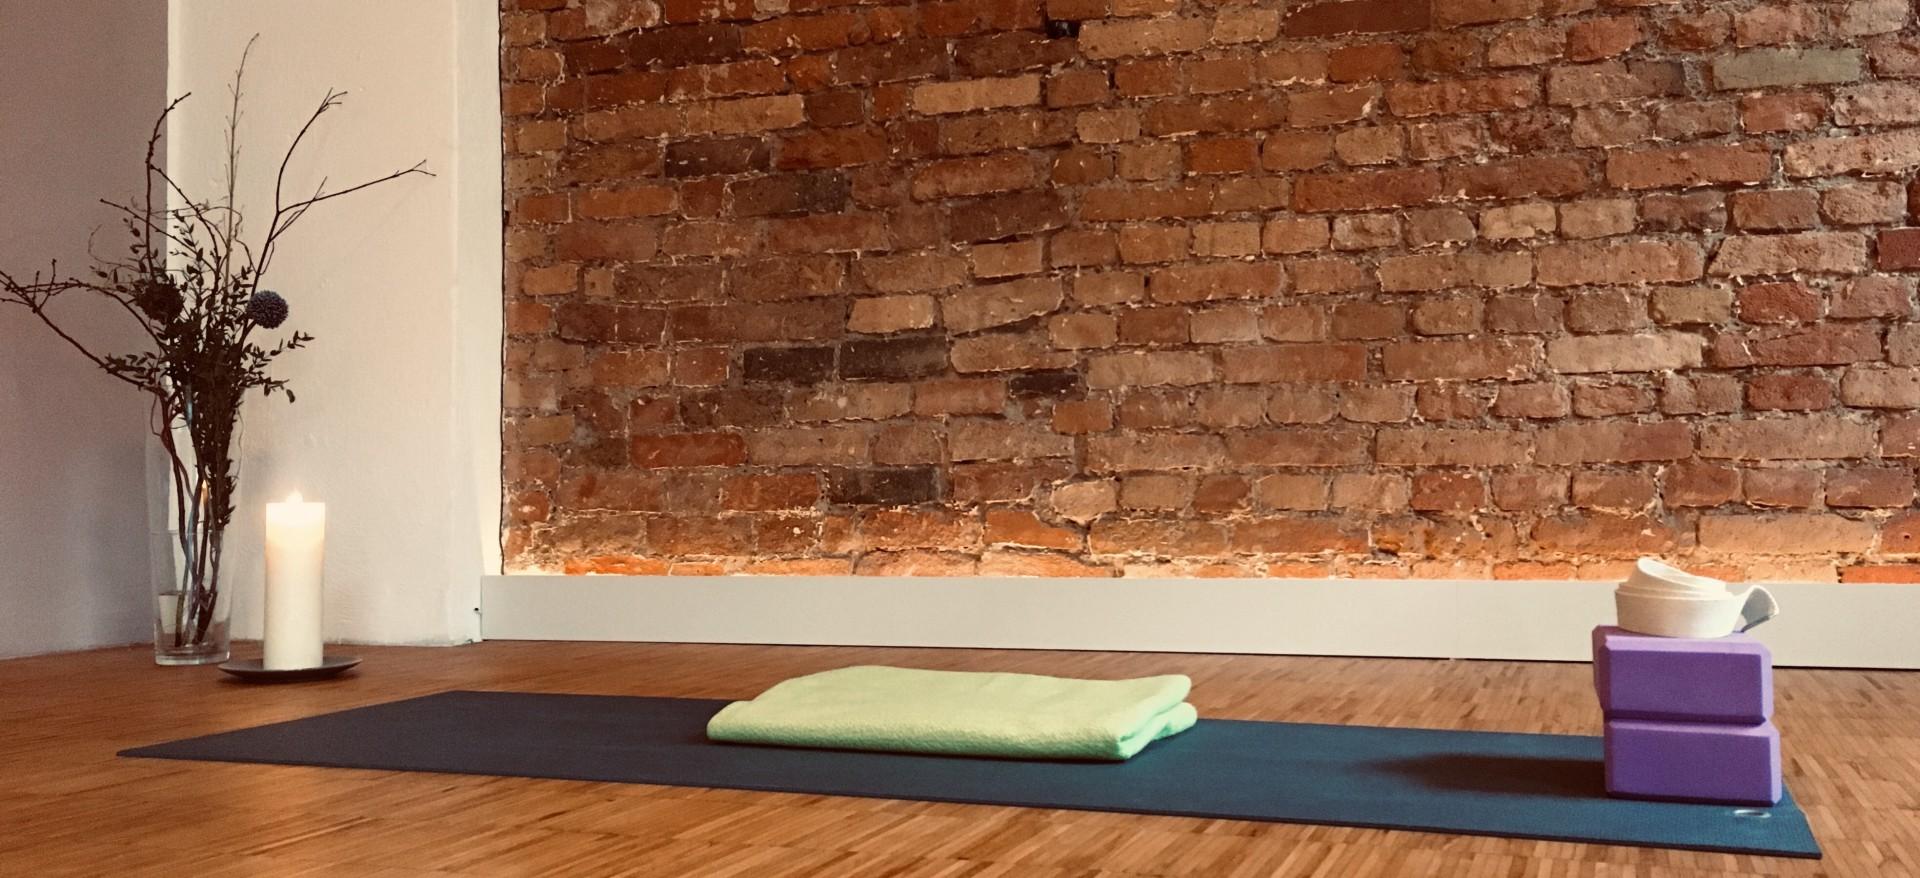 Raumecke mit Backsteinwand, großer Blumenvase und Kerze. Im Vordergrund liegt eine Yogamatte und eine Decke.